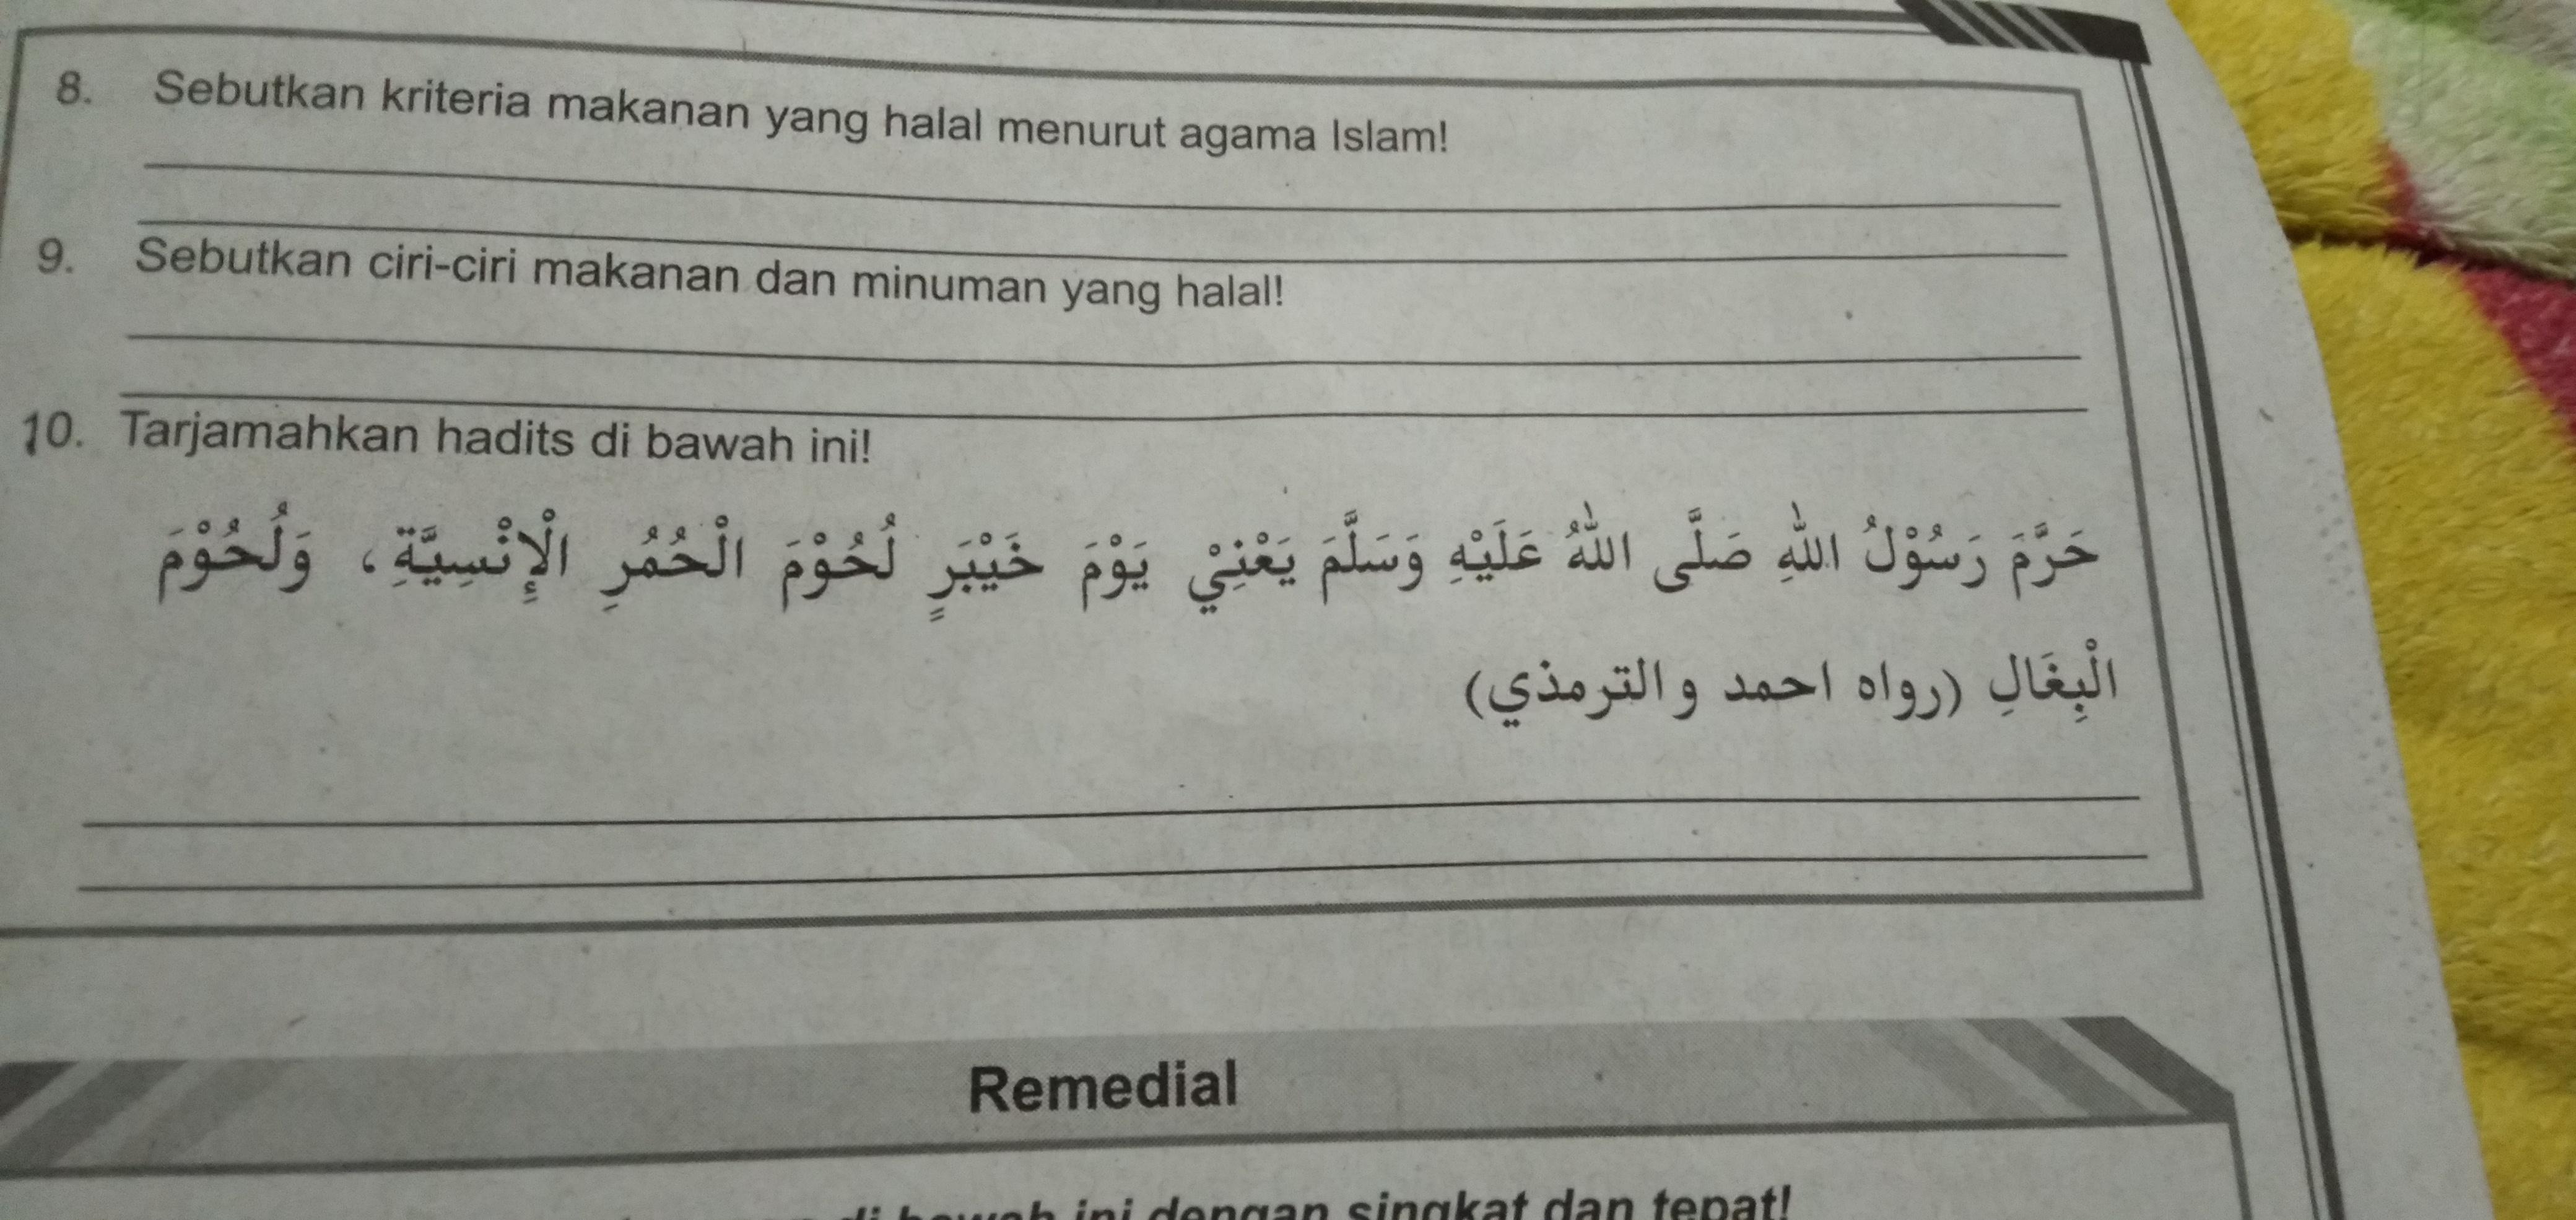 1 Tuliskan Ayat Al Quran Yang Memerintahkan Kita Untuk Mengonsumsi